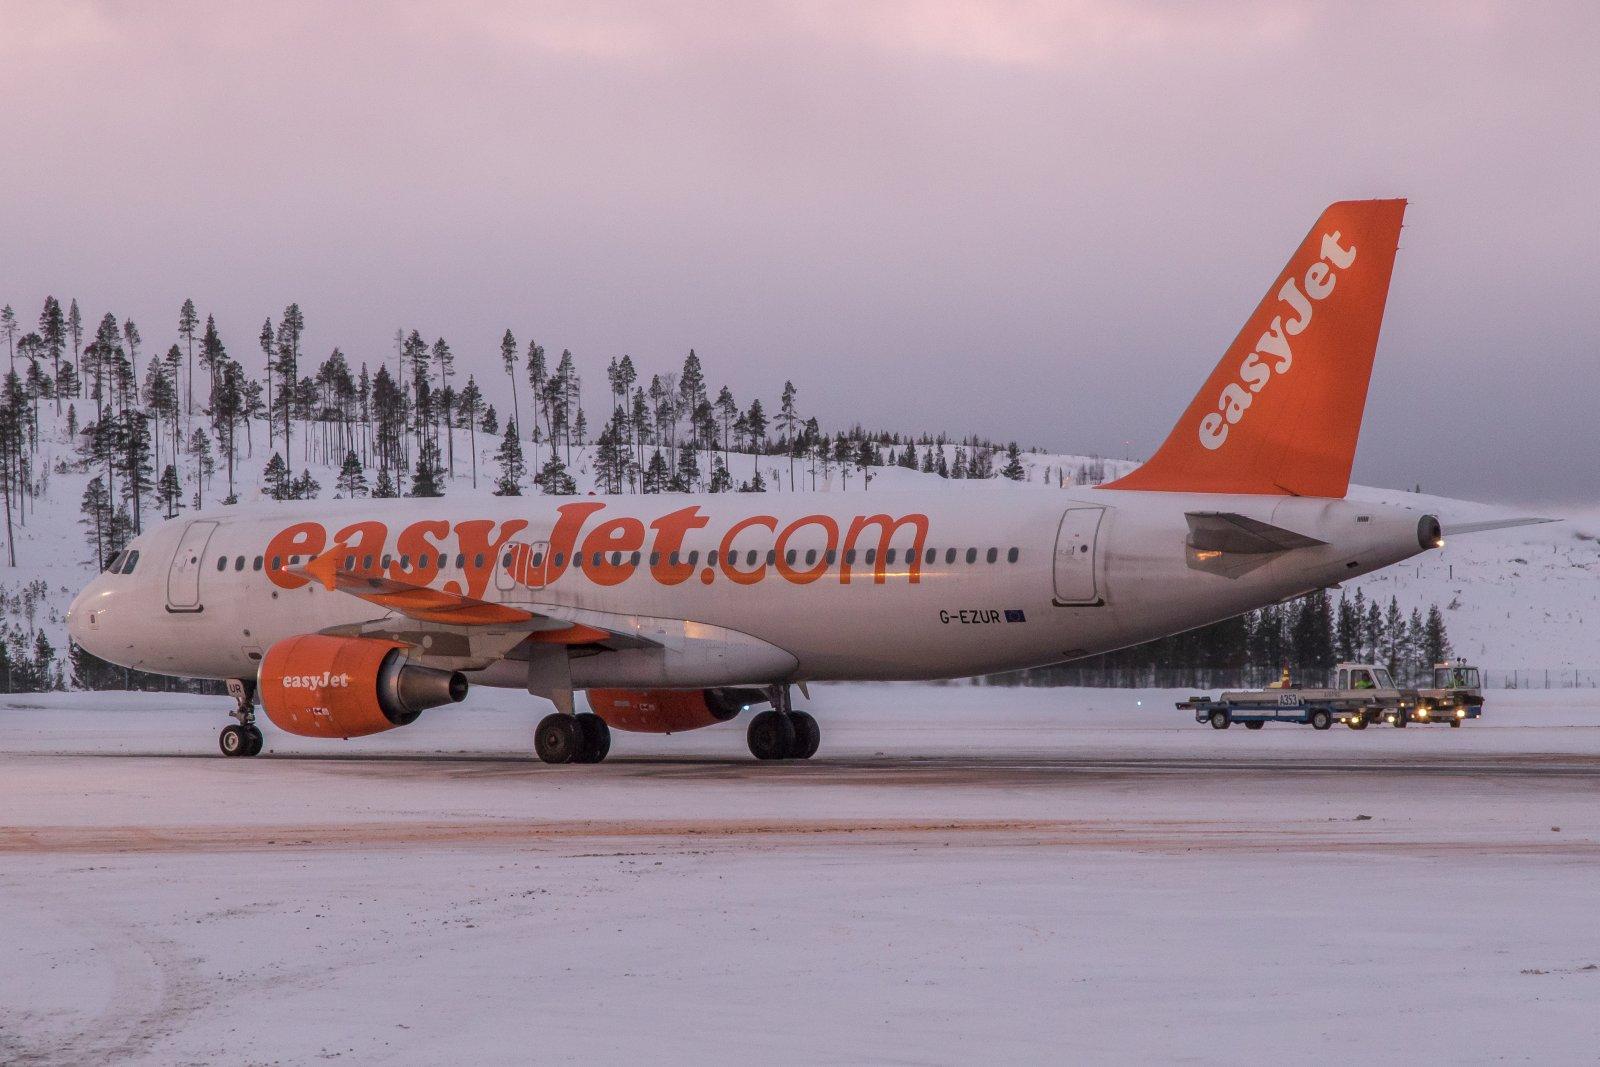 G-EZUR. easyJet Airbus suoraan Lontoosta.